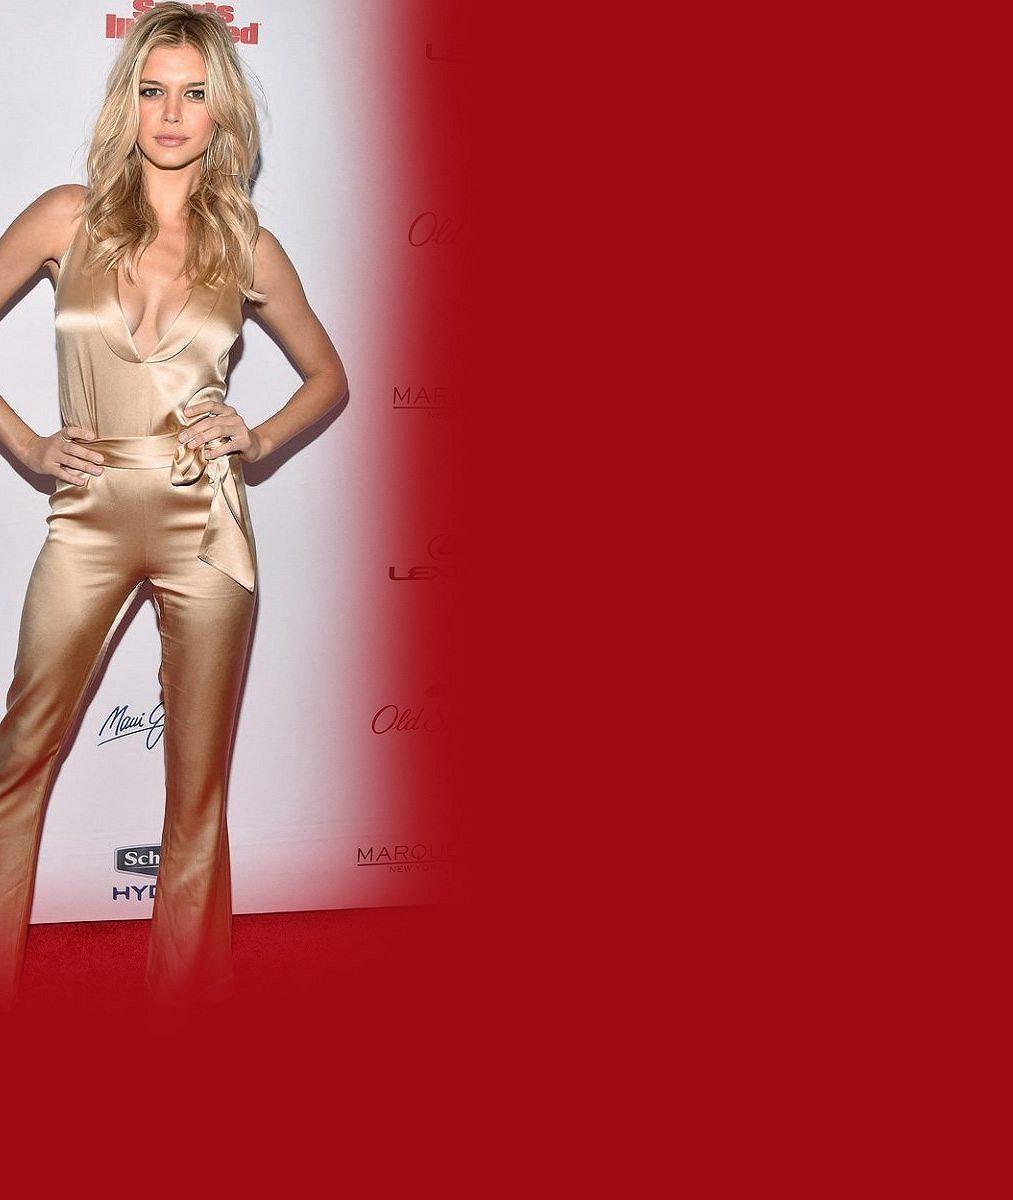 Snese srovnání se sexy Pamelou? Hvězdou nové Pobřežní hlídky bude modelka ze sbírky Leonarda DiCapria